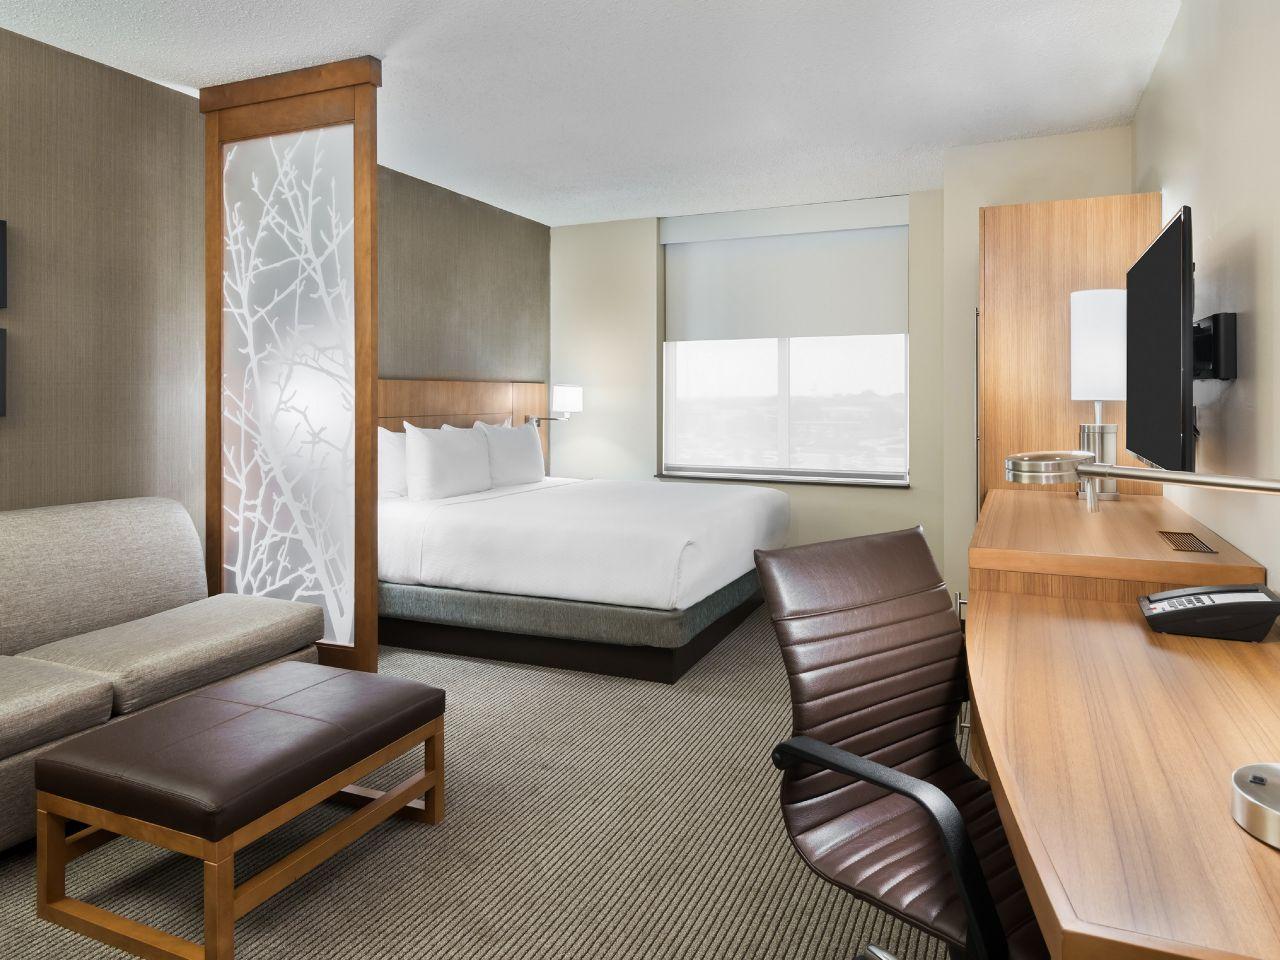 hotel in round rock texas hyatt place austin round rock. Black Bedroom Furniture Sets. Home Design Ideas